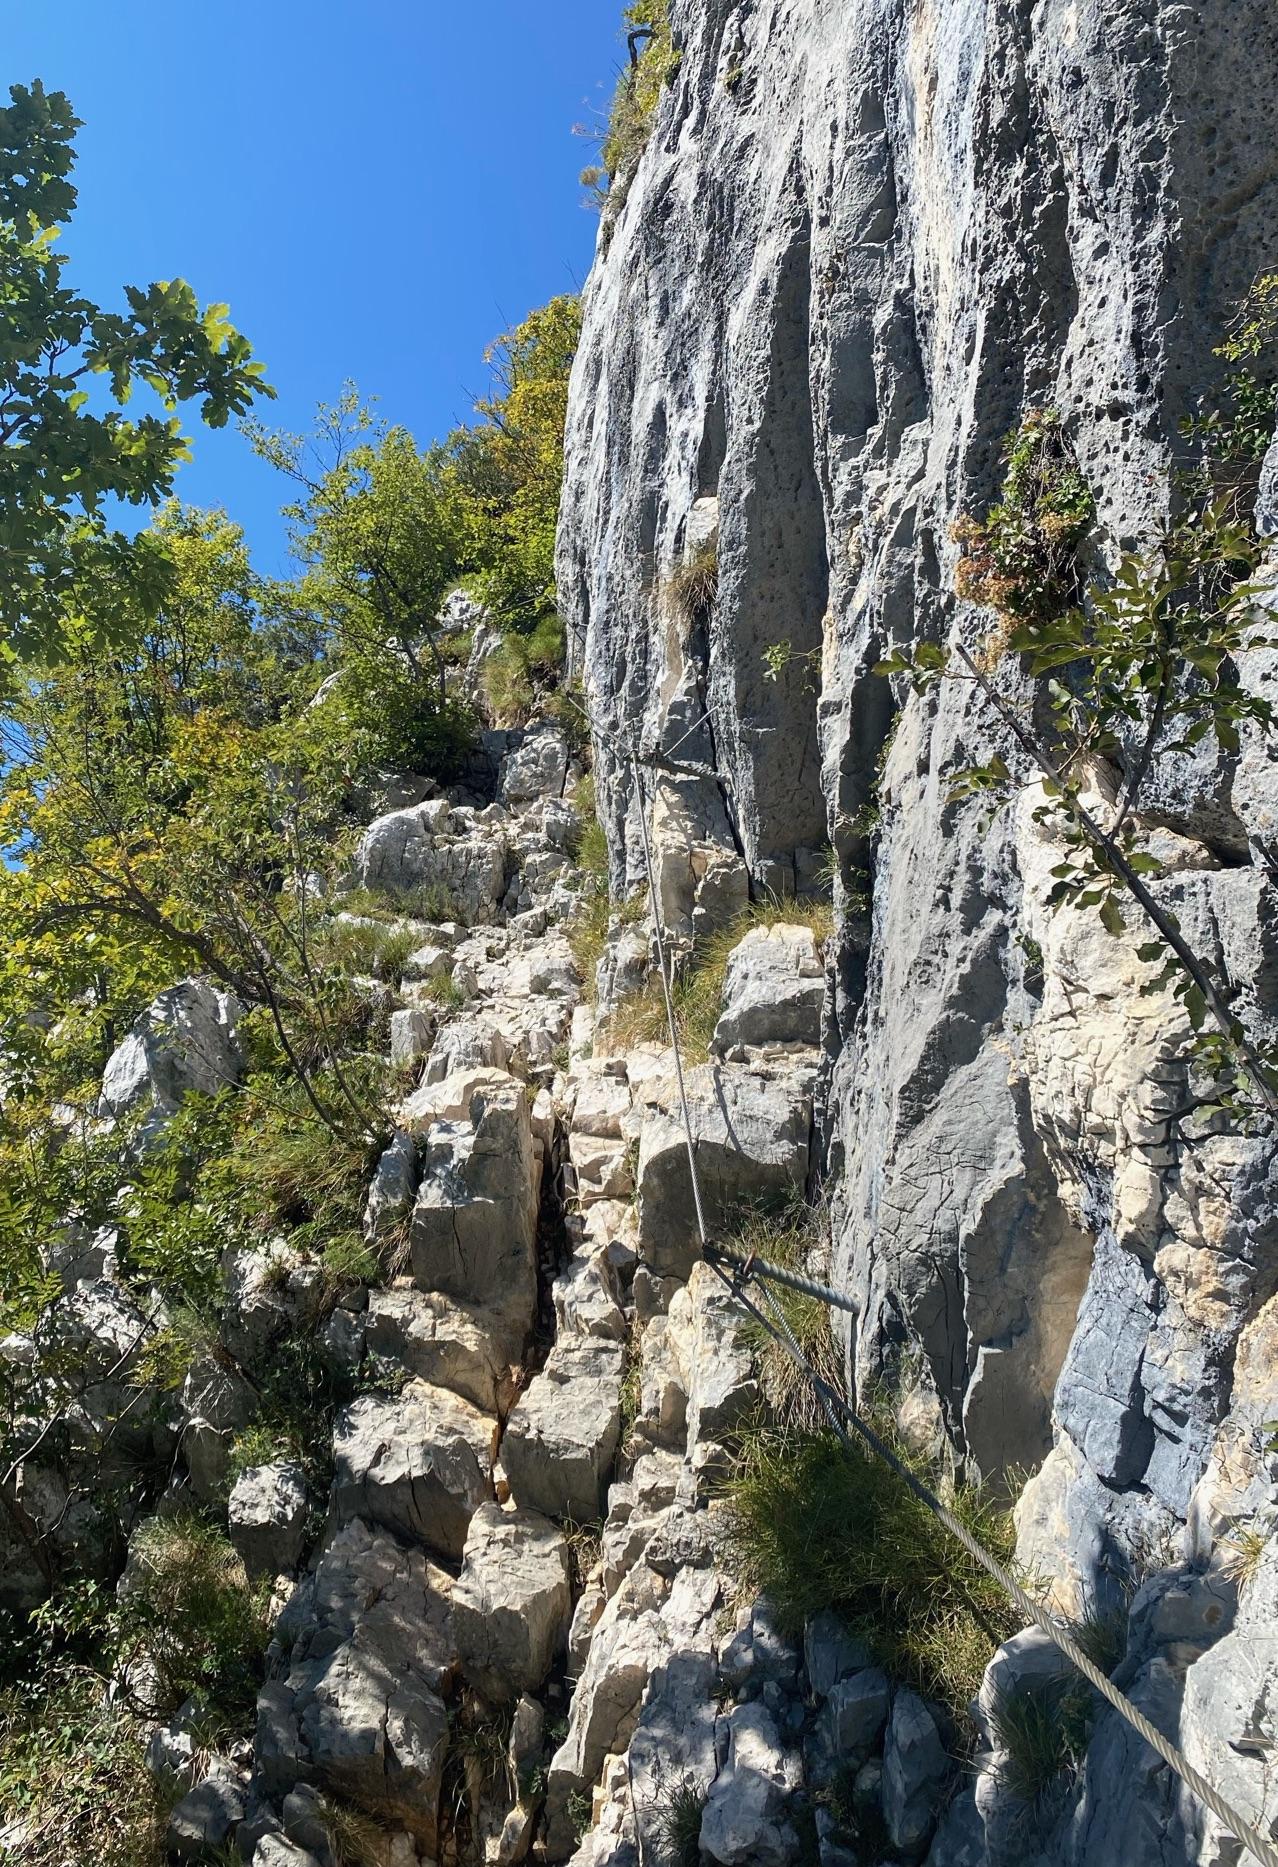 Einstieg in den Klettersteig Mario Foletti